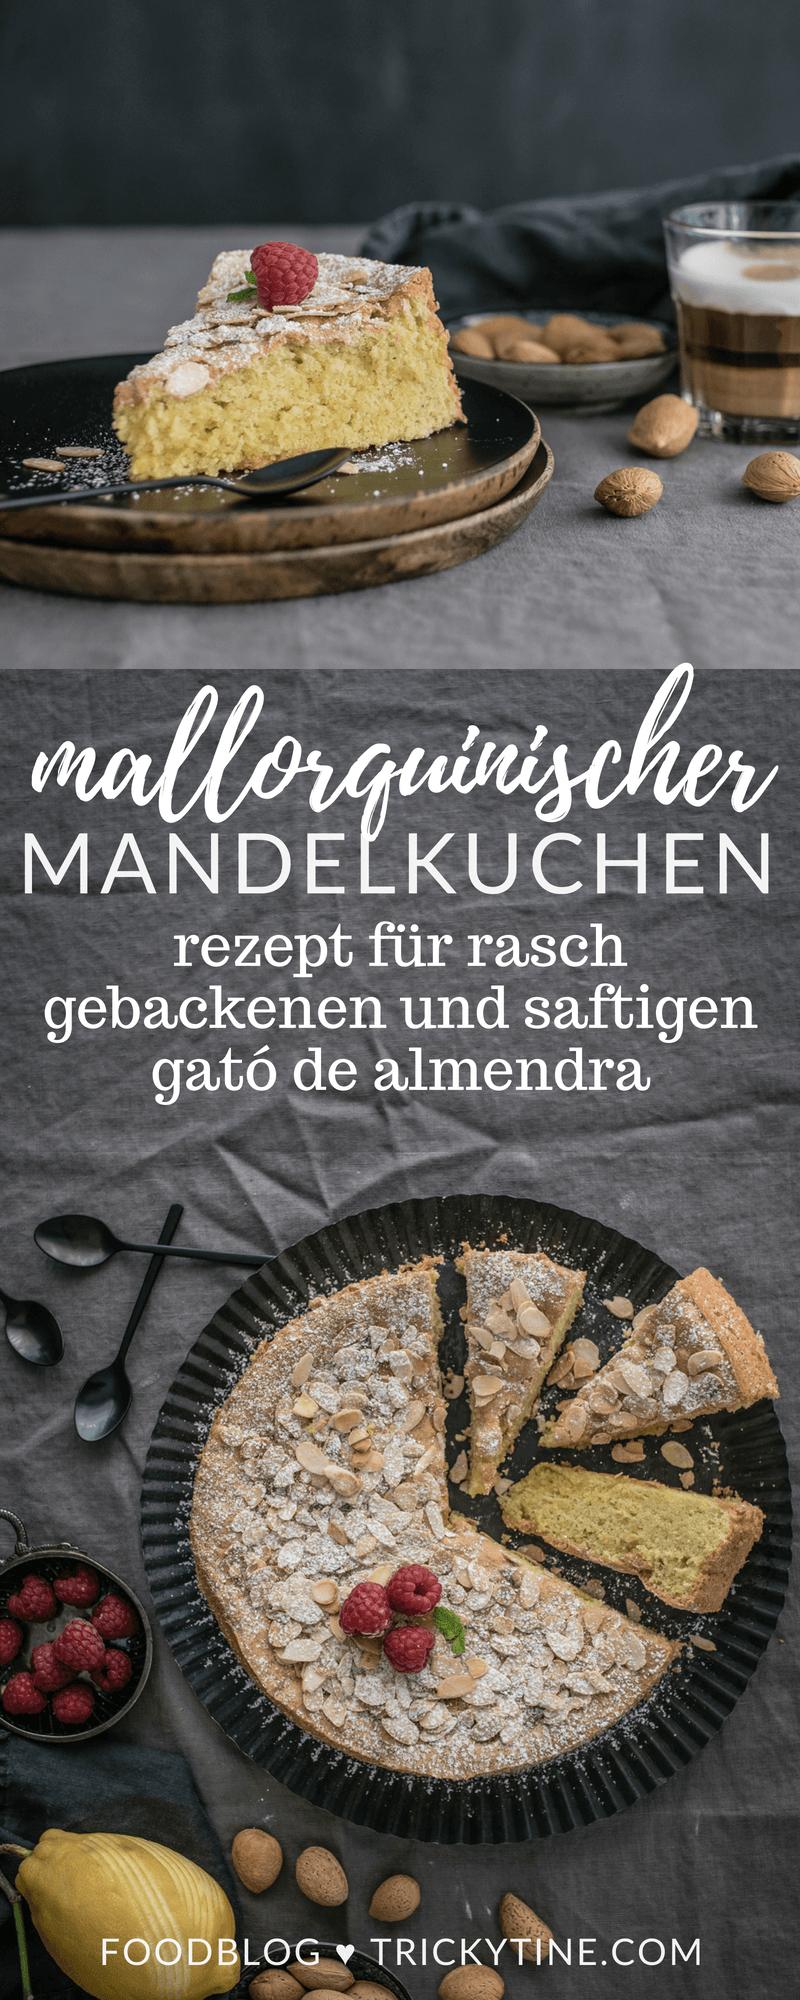 rezept mallorquinischer mandelkuchen trickytine